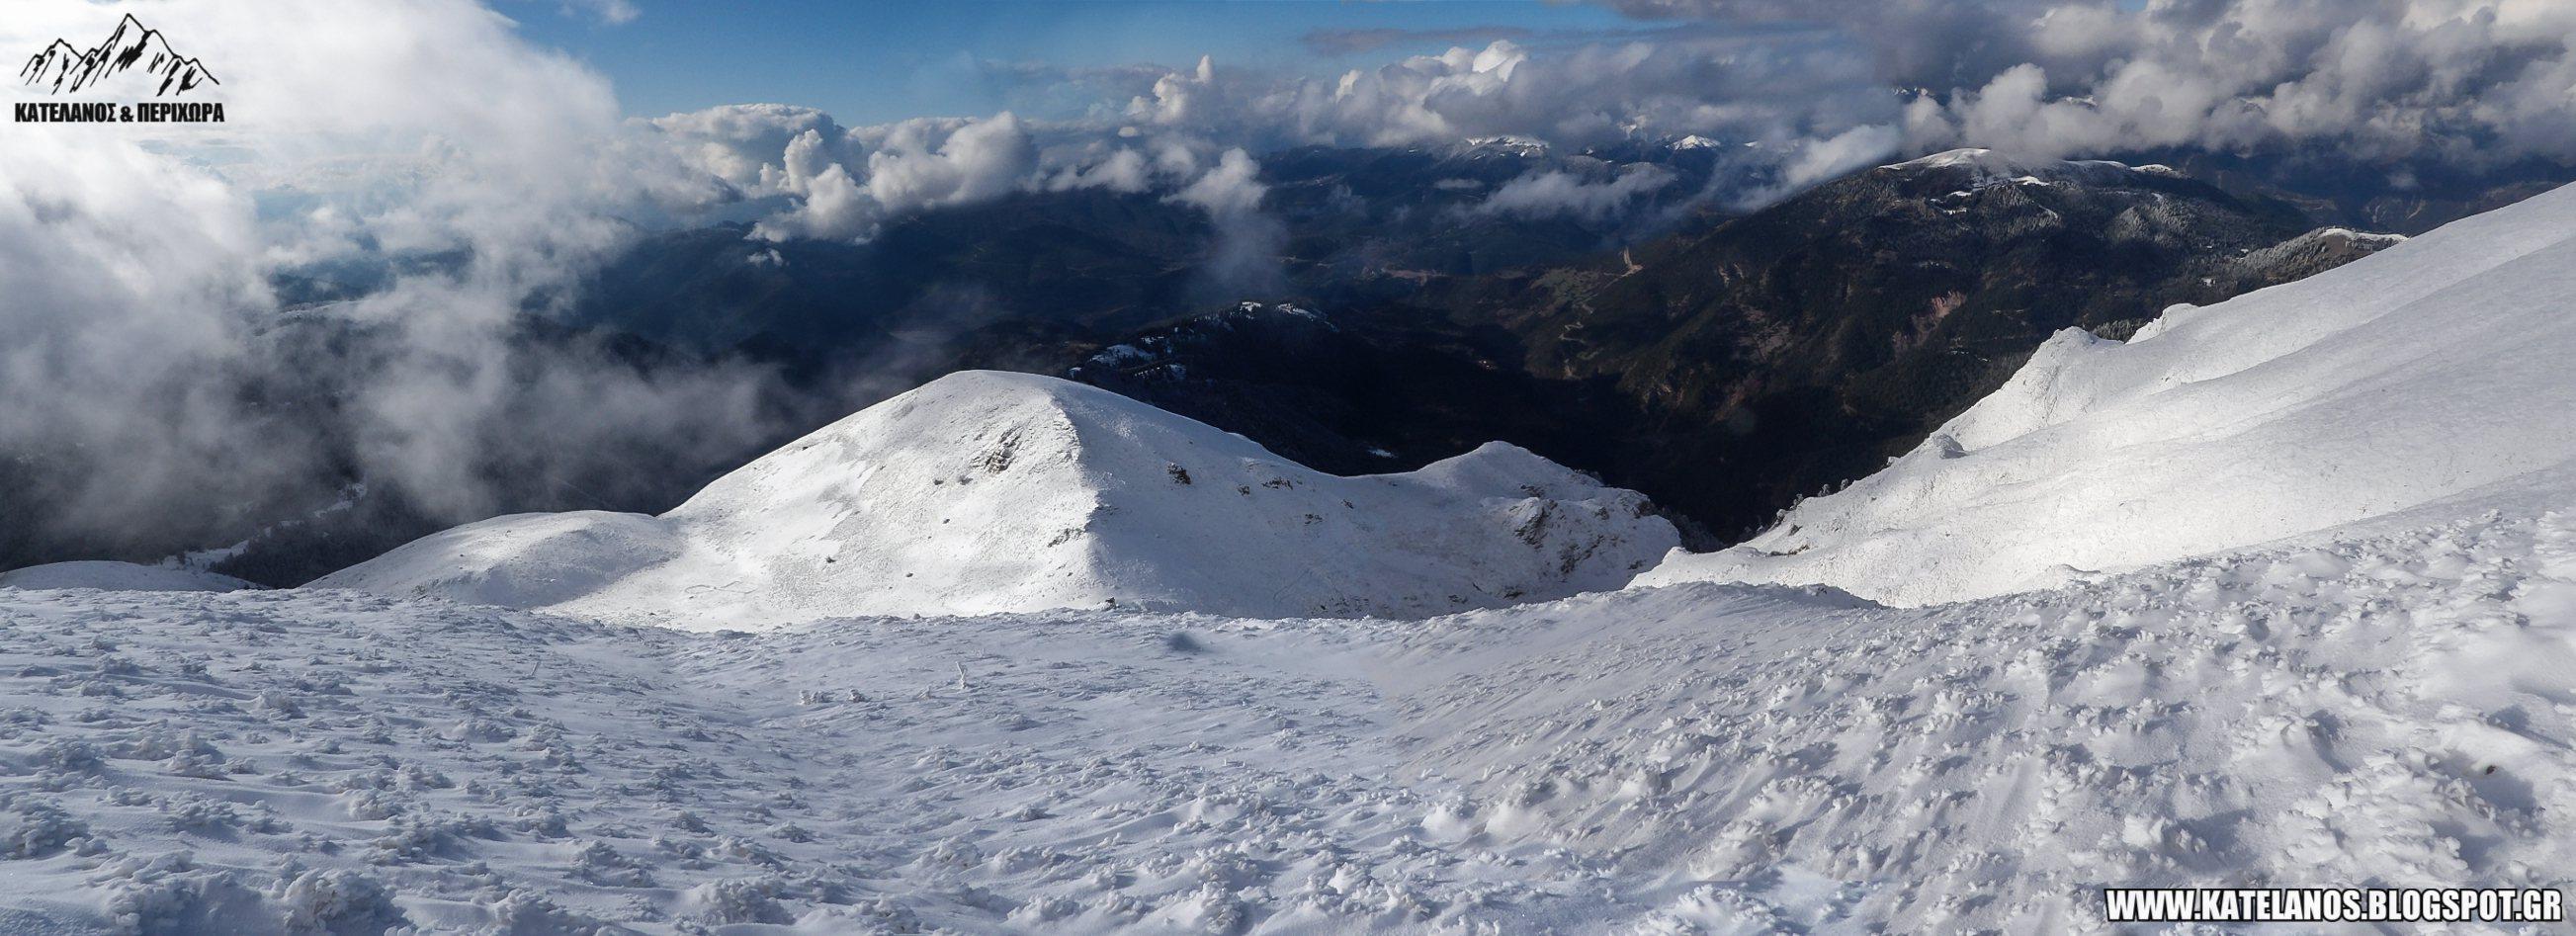 συμπεθερικο ευρυτανια βουνο χιονια